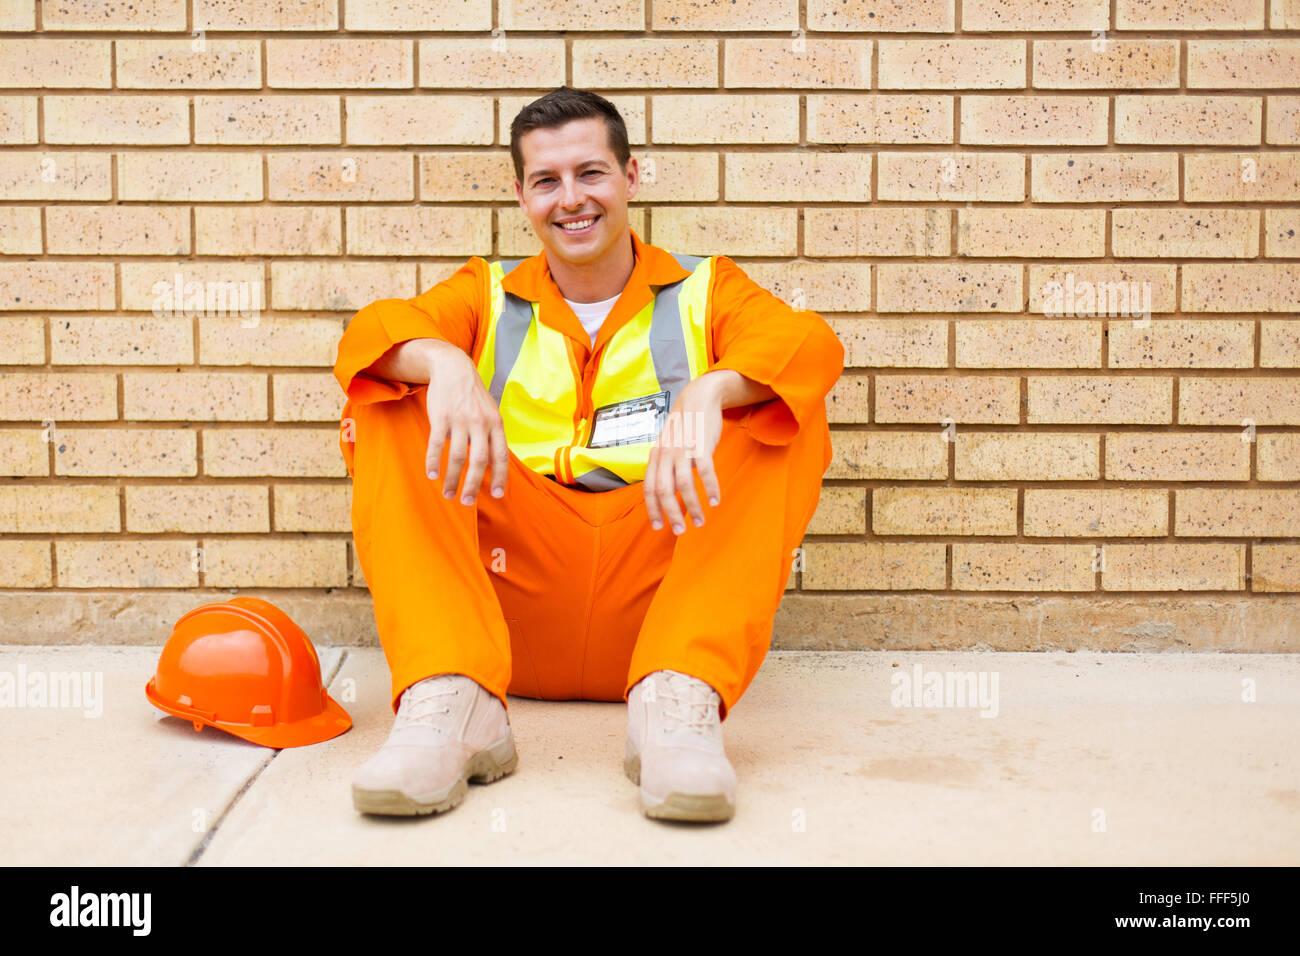 Felice ingegnere elettrico seduti all'aperto durante la pausa Immagini Stock